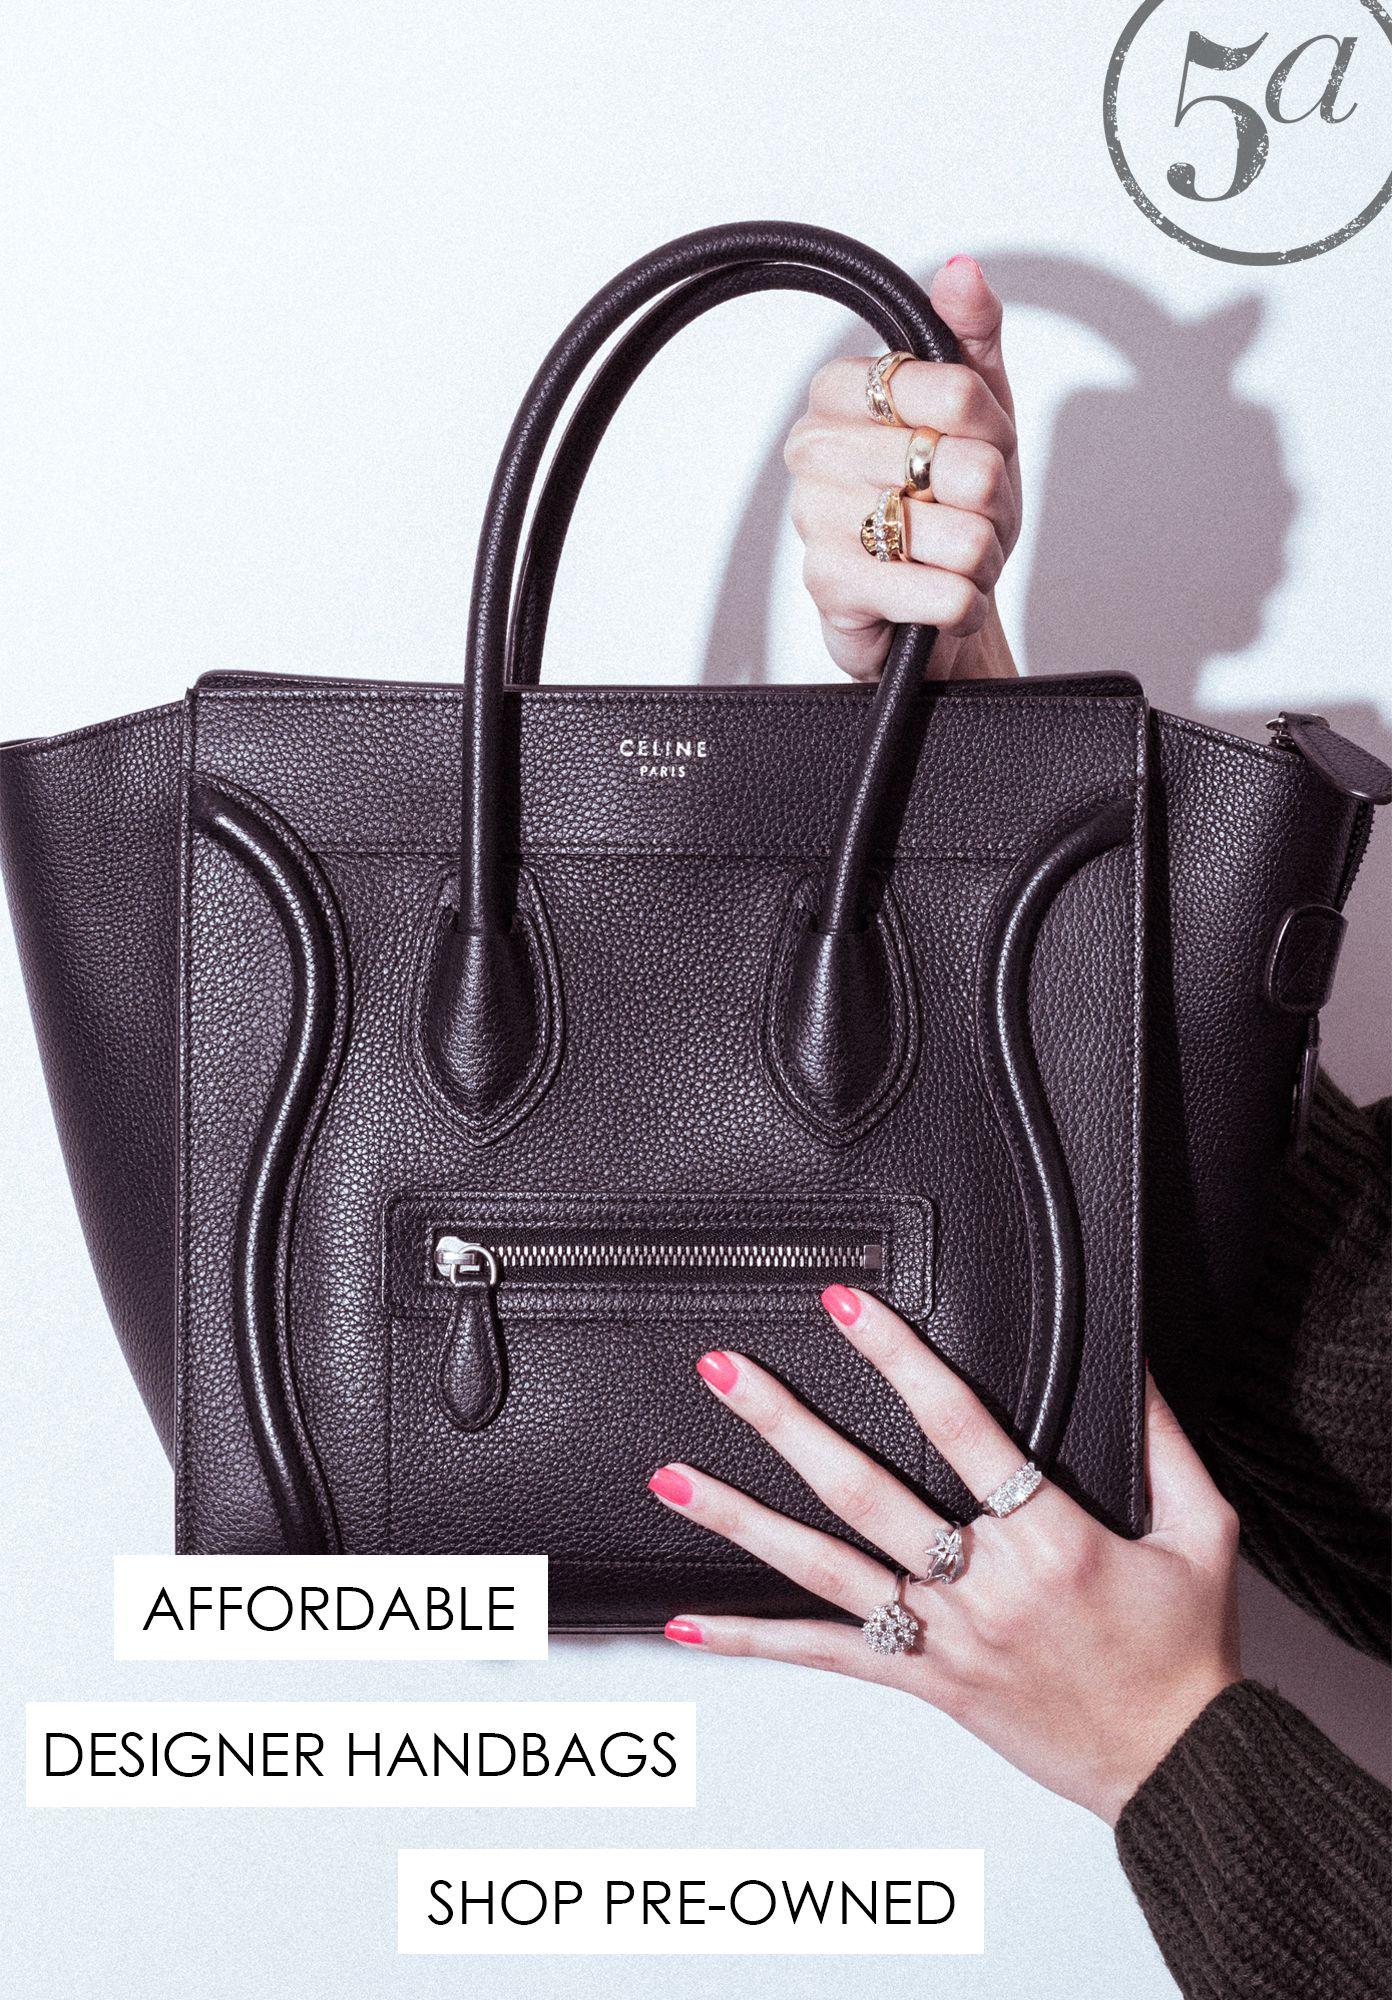 0a285615d745 Pre-owned designer handbags